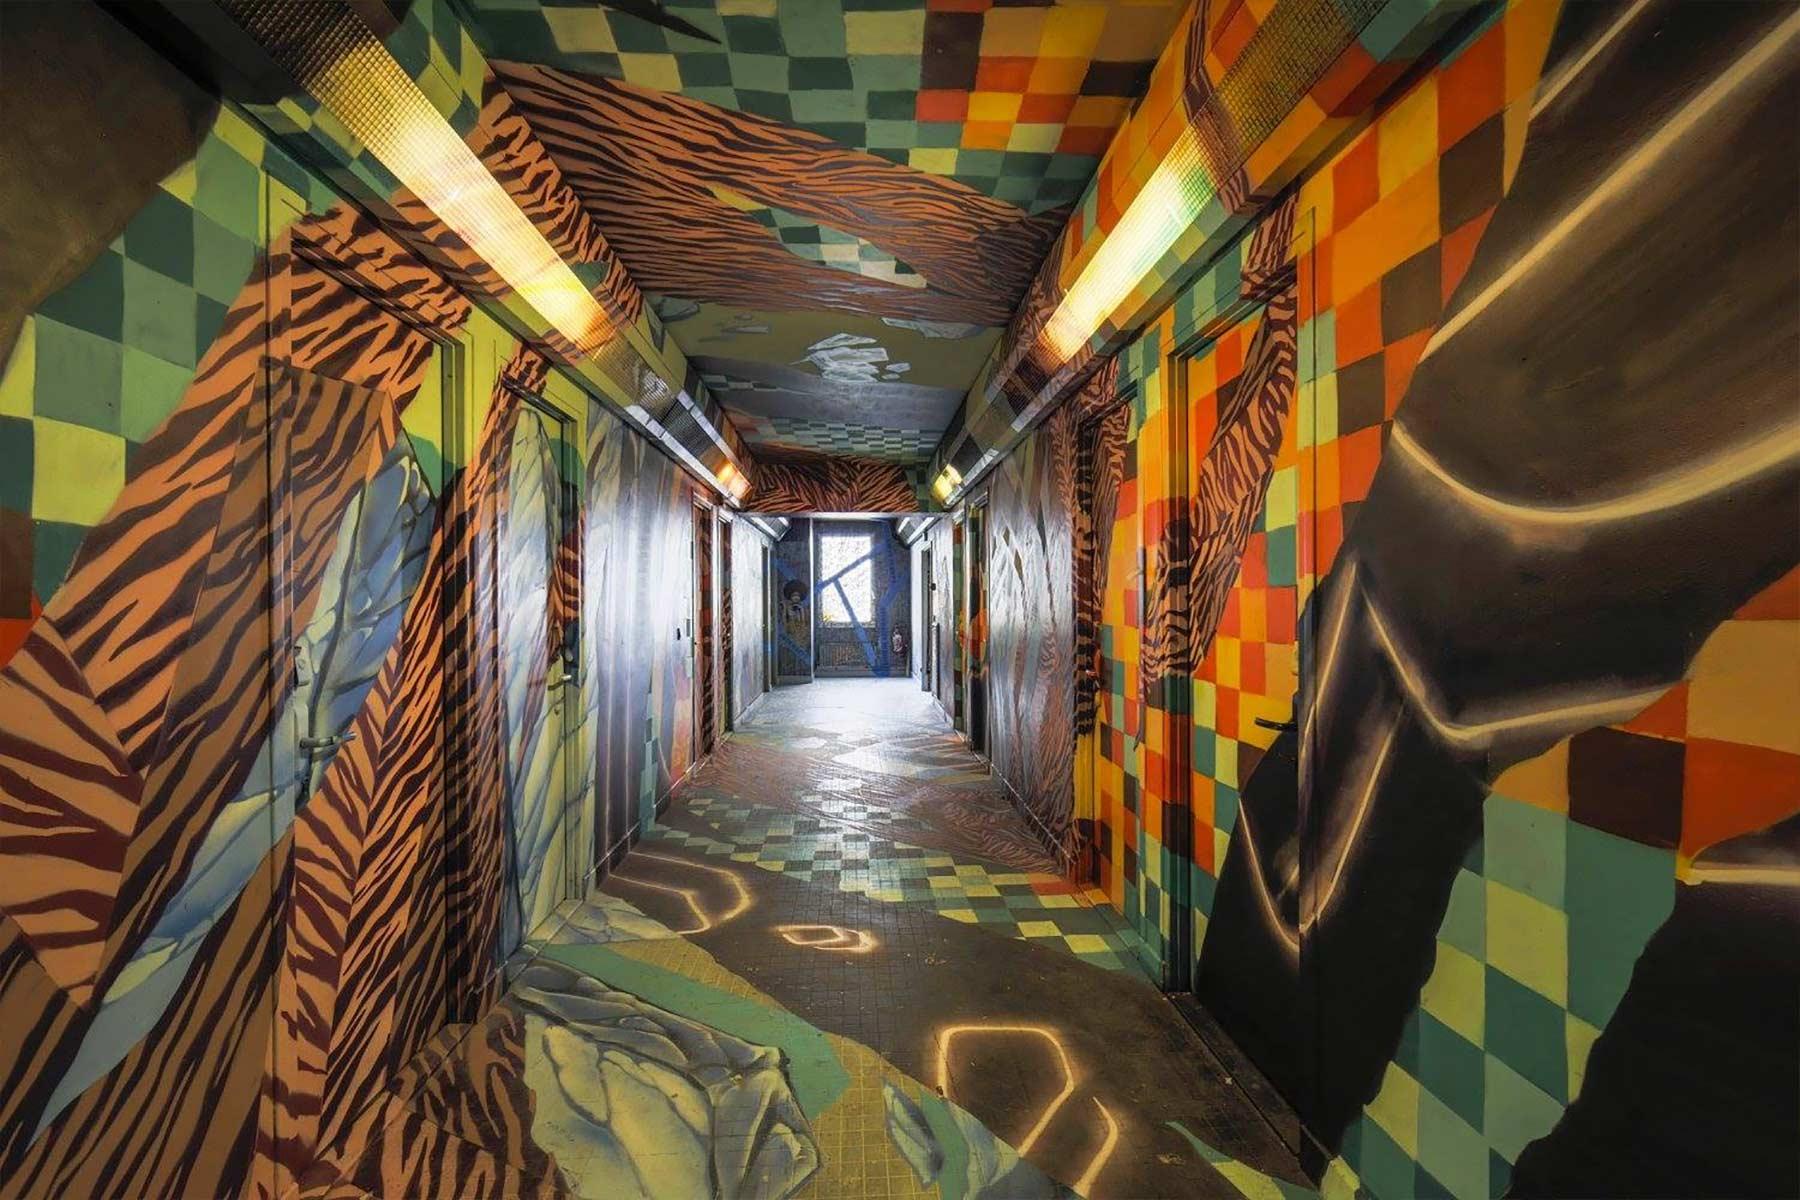 100 Graffiti-Künstler haben dieses Studentenwohnheim verschönert Cite-Internationale-Universitaire-Paris-Rehab2_14